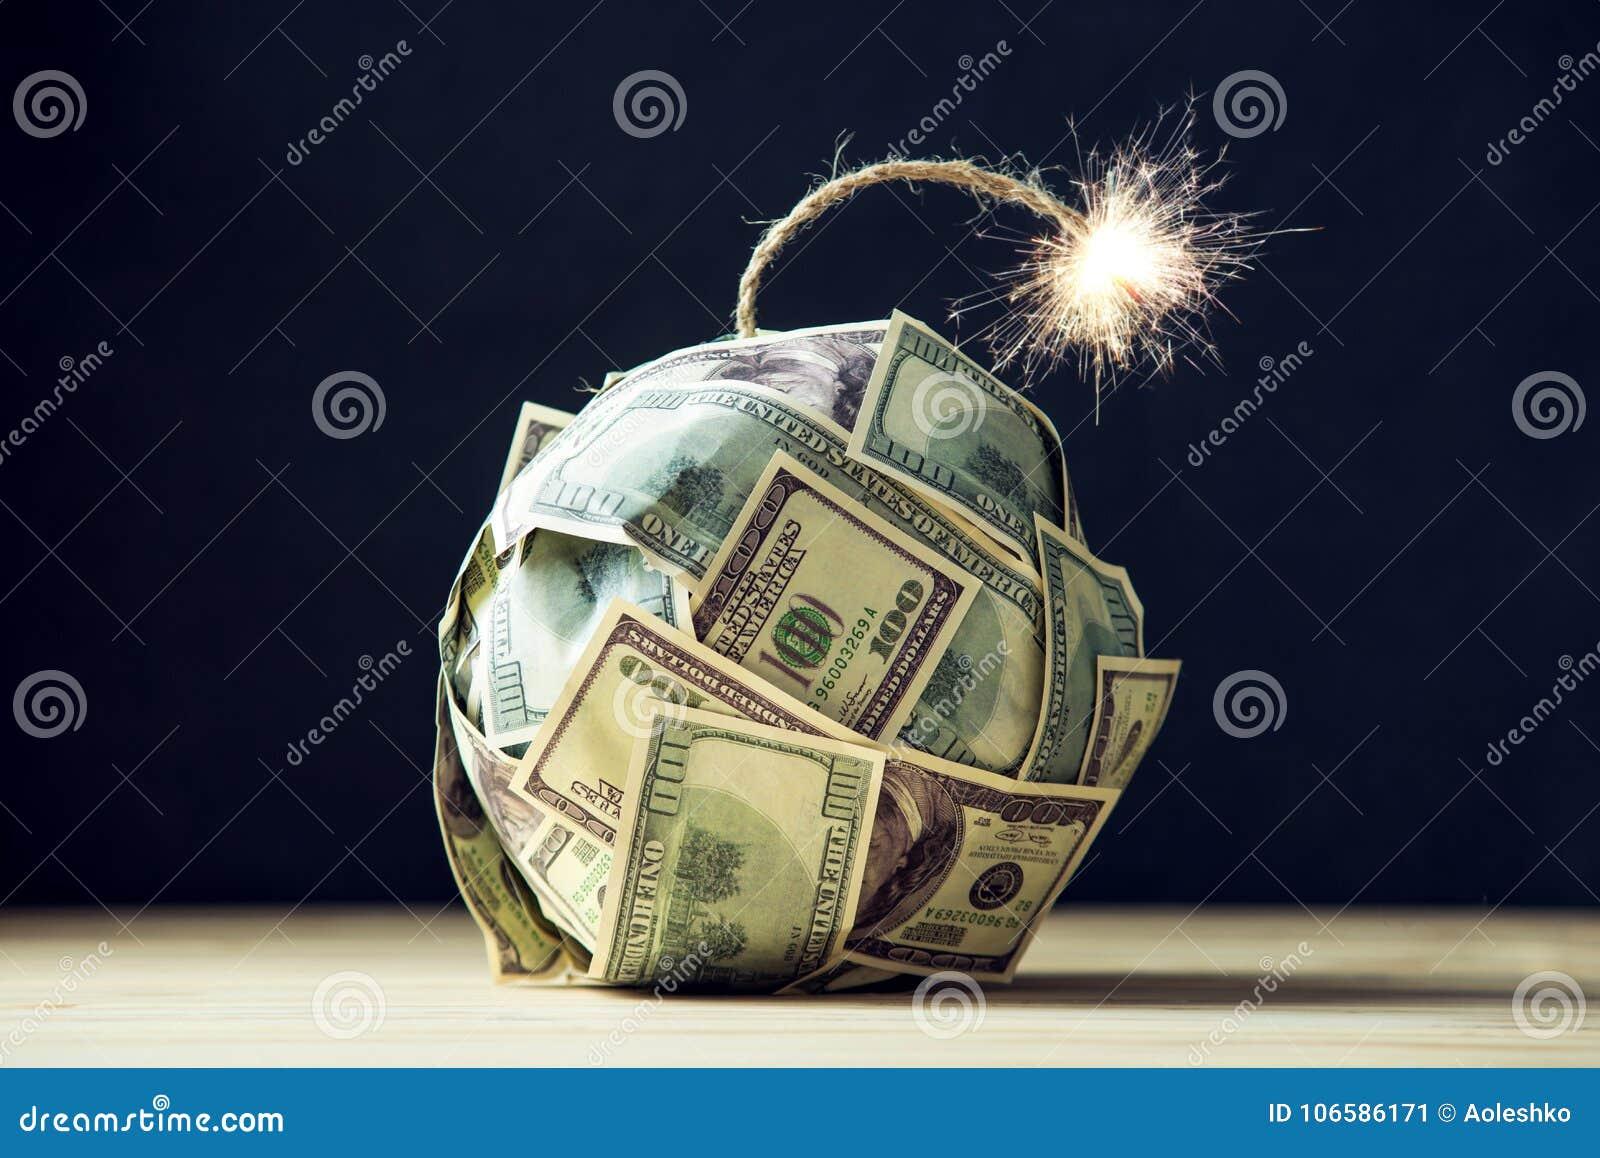 Бомба долларовых банкнот денег 100 с горящим фитилем Меньшее время перед взрывом кризис принципиальной схемы финансовохозяйственн